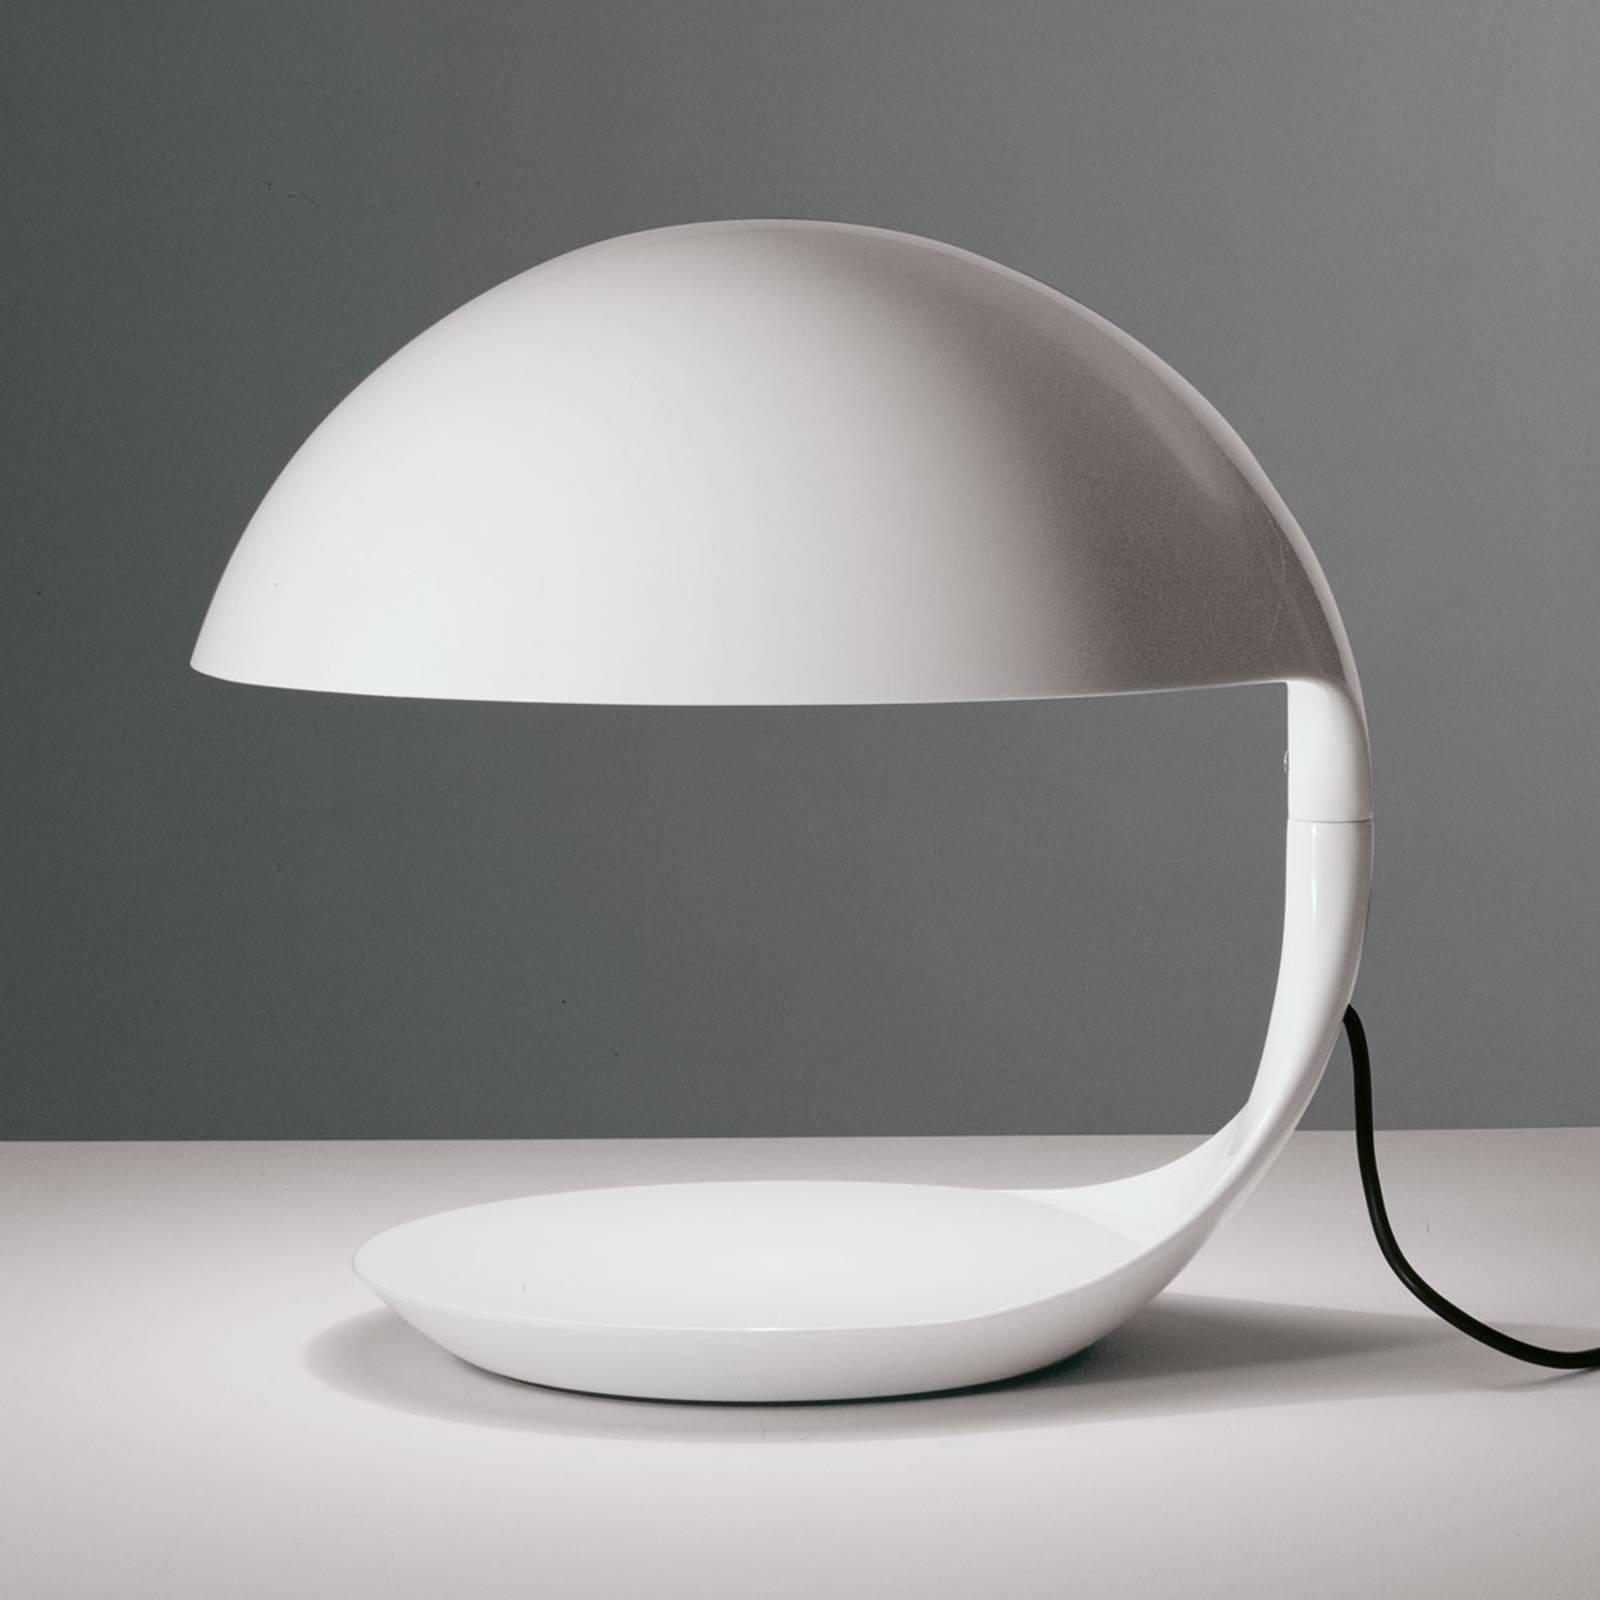 nachttischlampen und andere lampen von martinelli luce online kaufen bei m bel garten. Black Bedroom Furniture Sets. Home Design Ideas